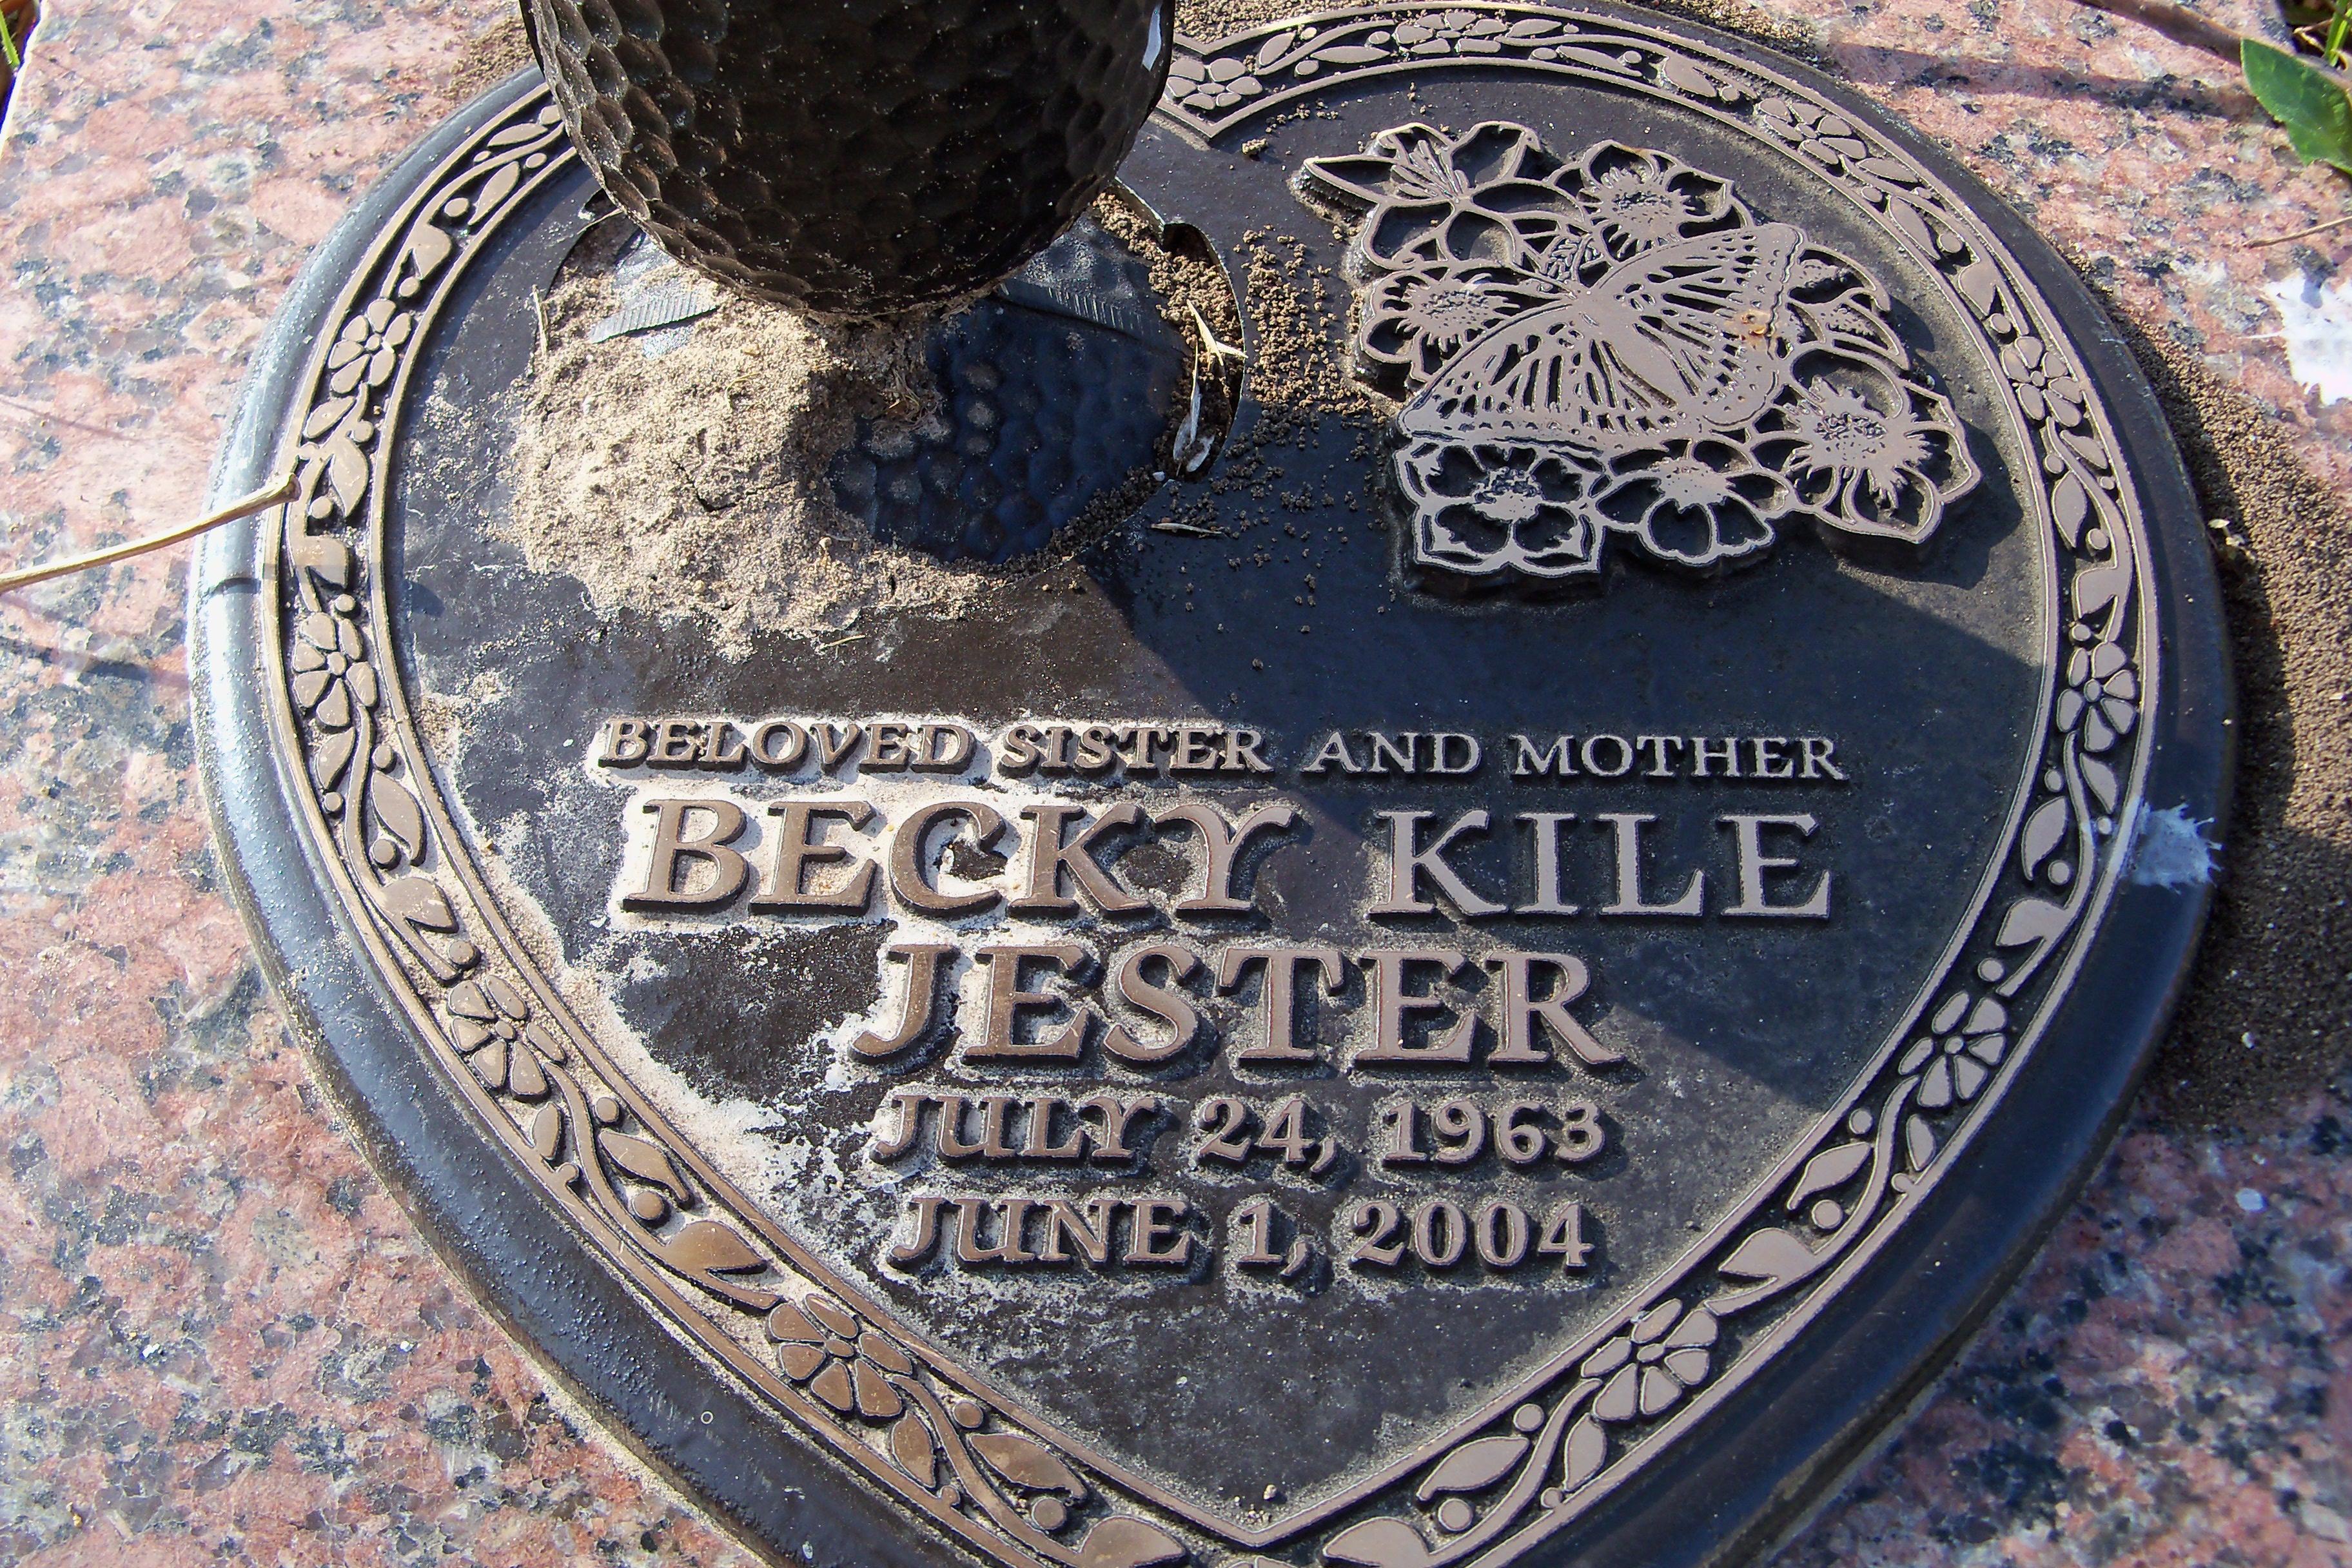 Becky Kile Jester